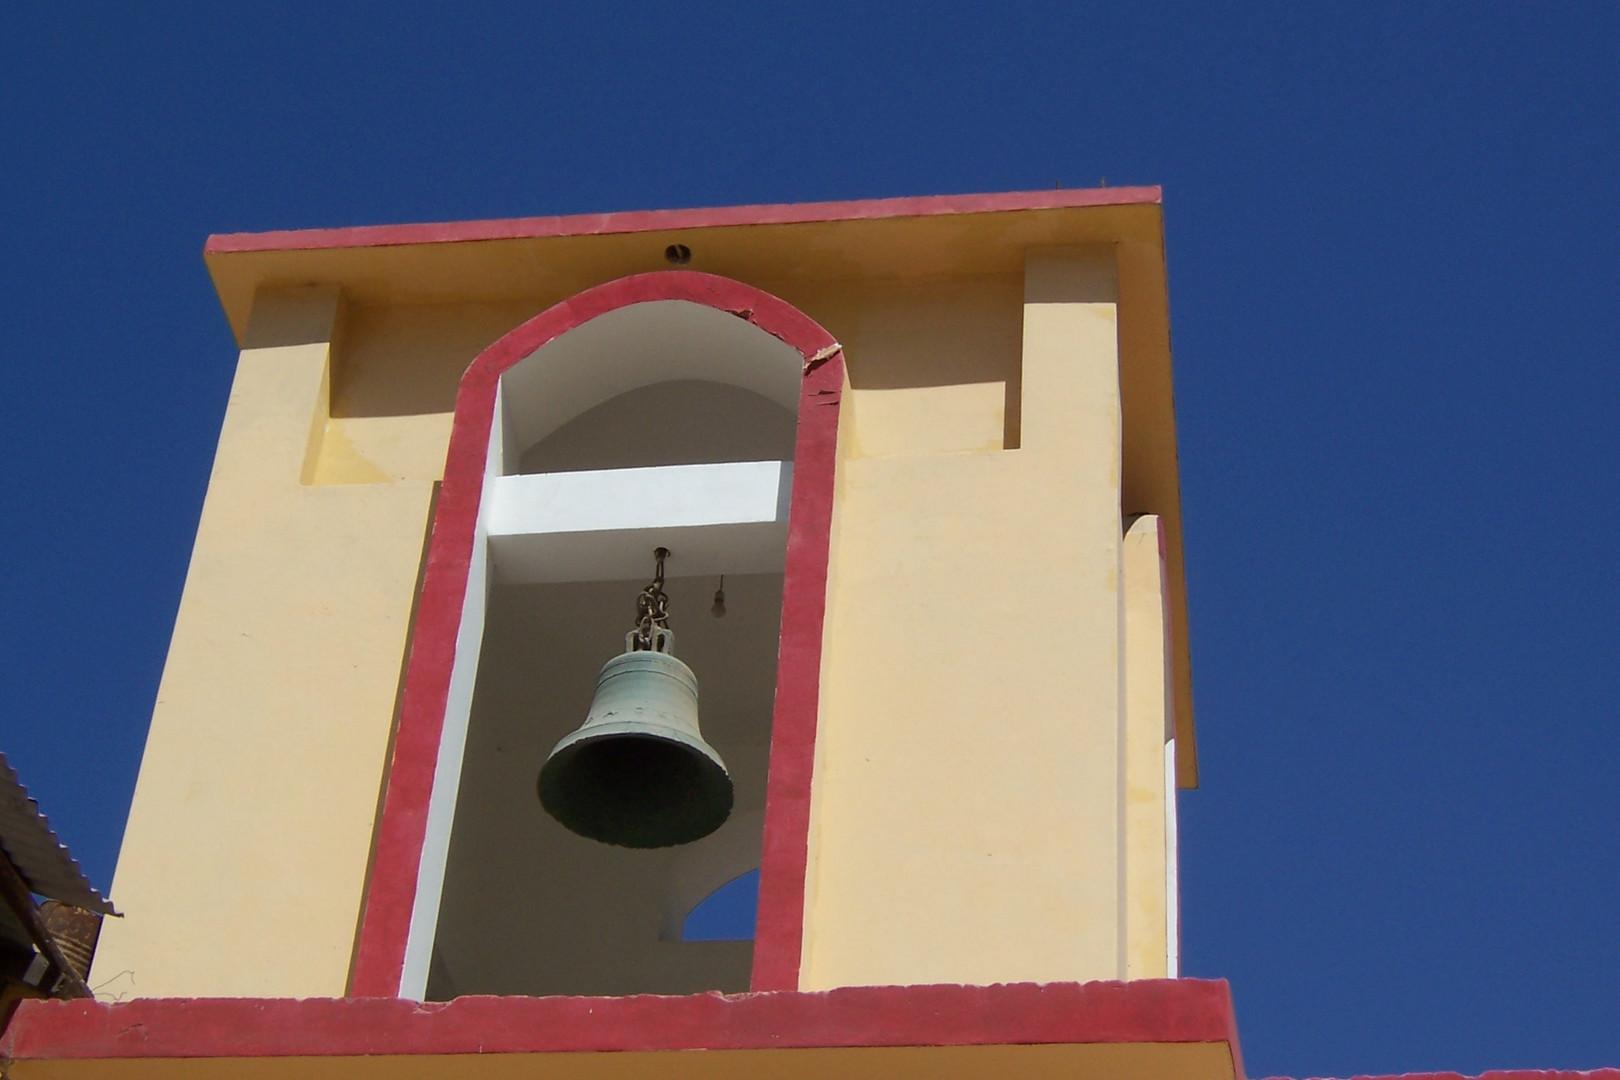 campanario colorido